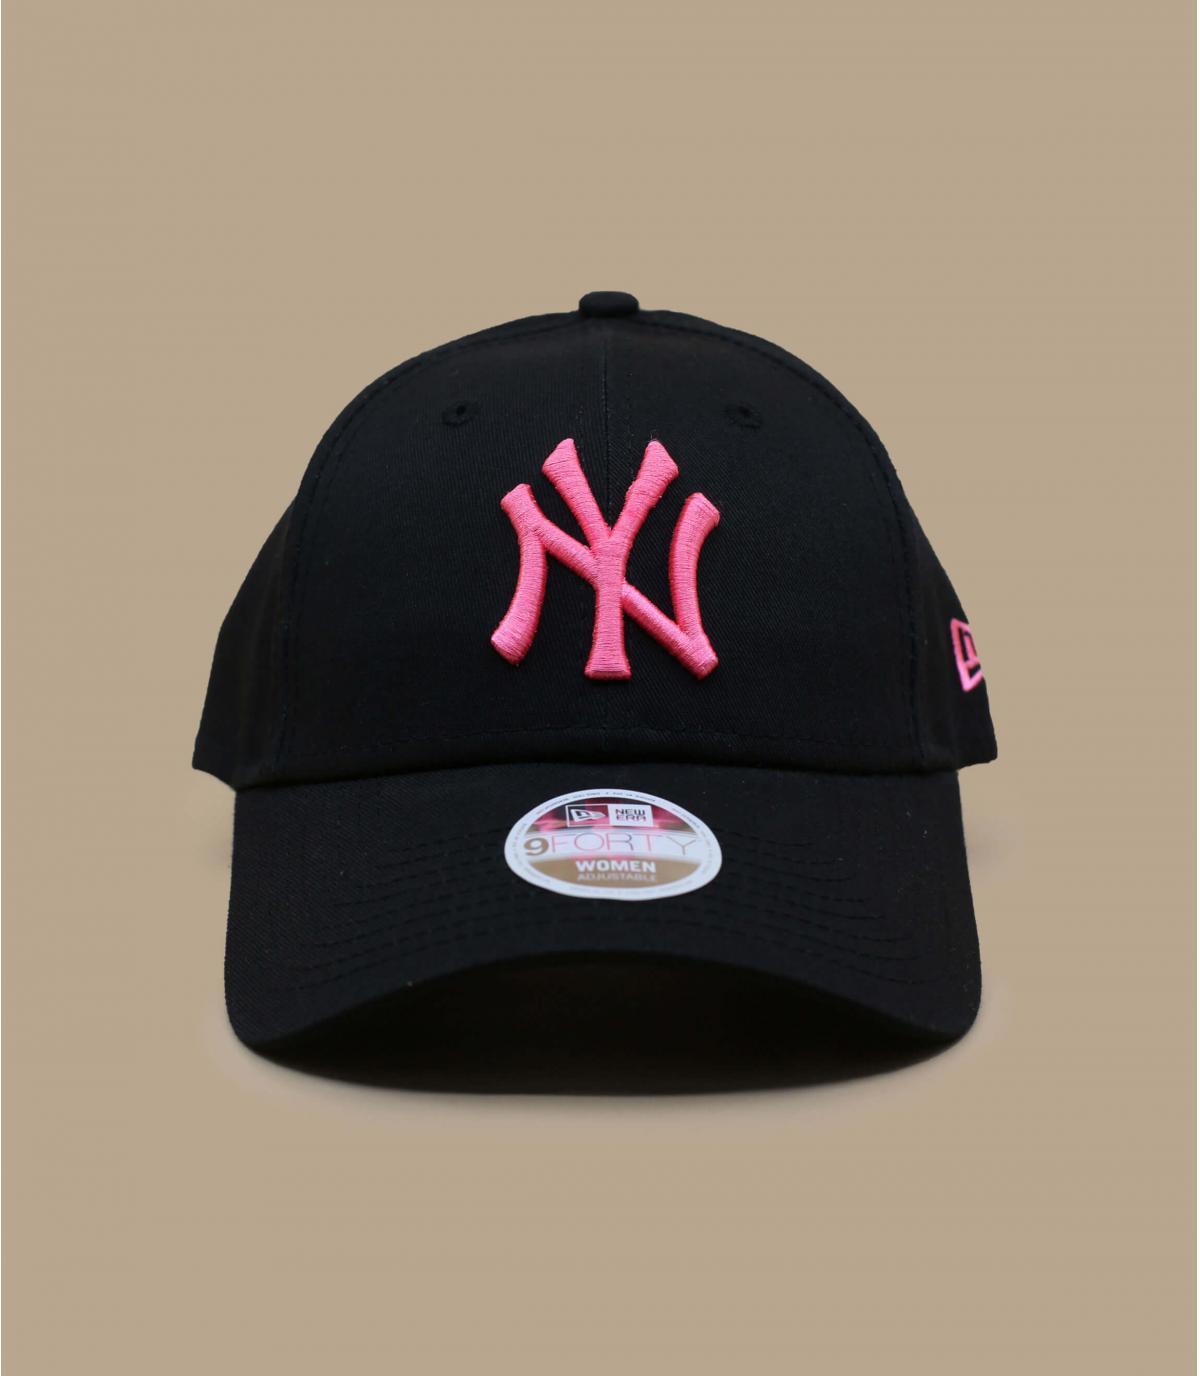 casquette NY femme noir rose